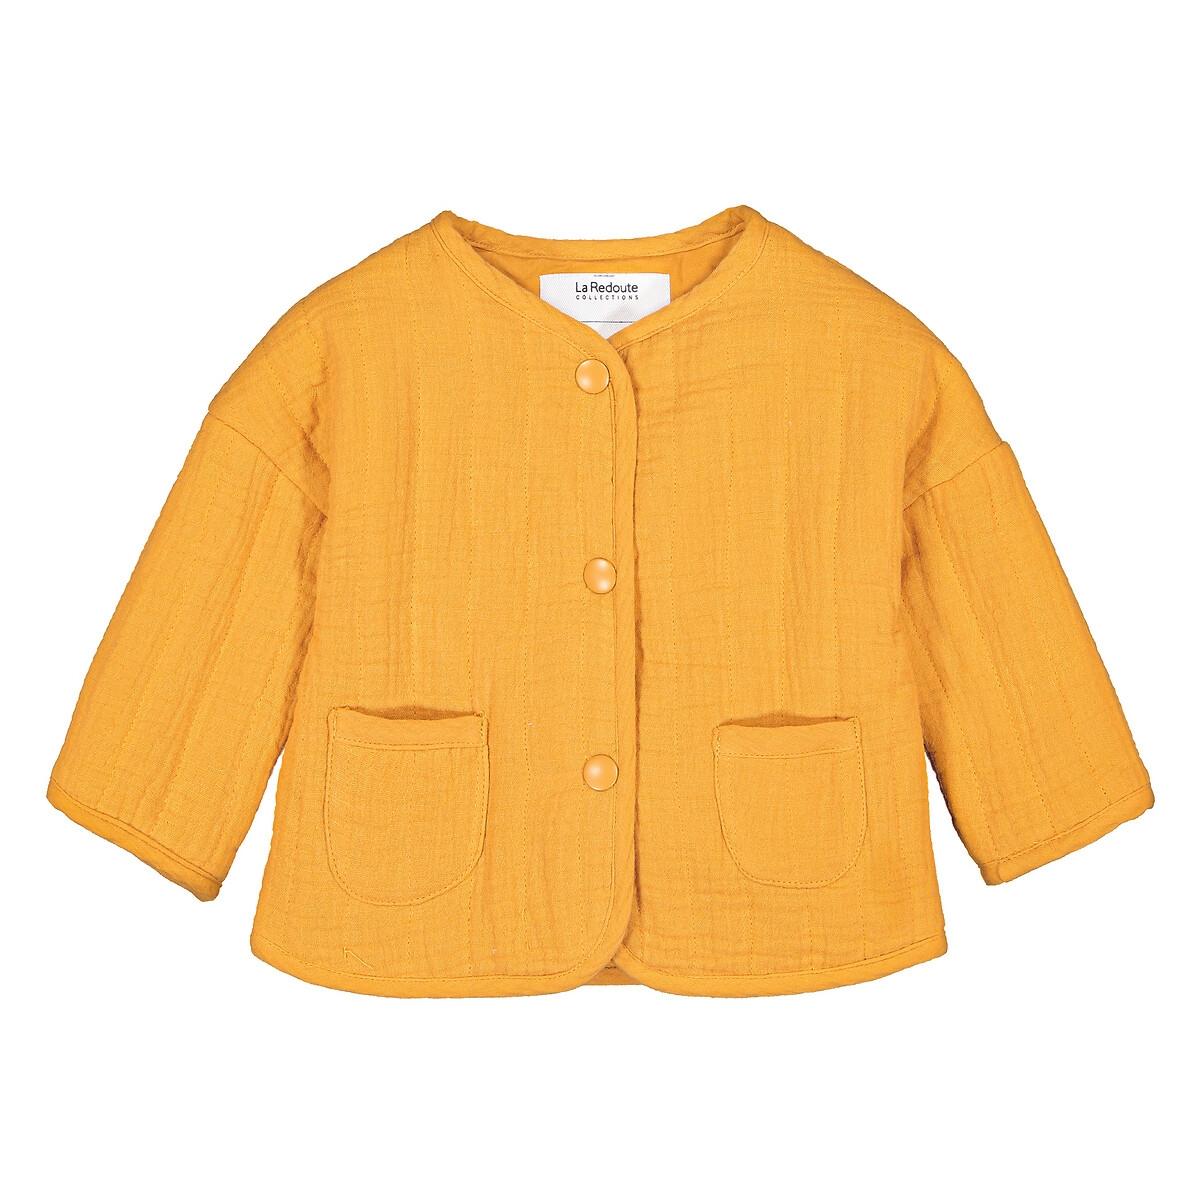 Фото - Жакет LaRedoute Из хлопчатобумажной газовой ткани 3 мес-4 года 3 года - 94 см желтый платье laredoute с короткими рукавами из хлопчатобумажной газовой ткани 3 12 лет 3 года 94 см розовый